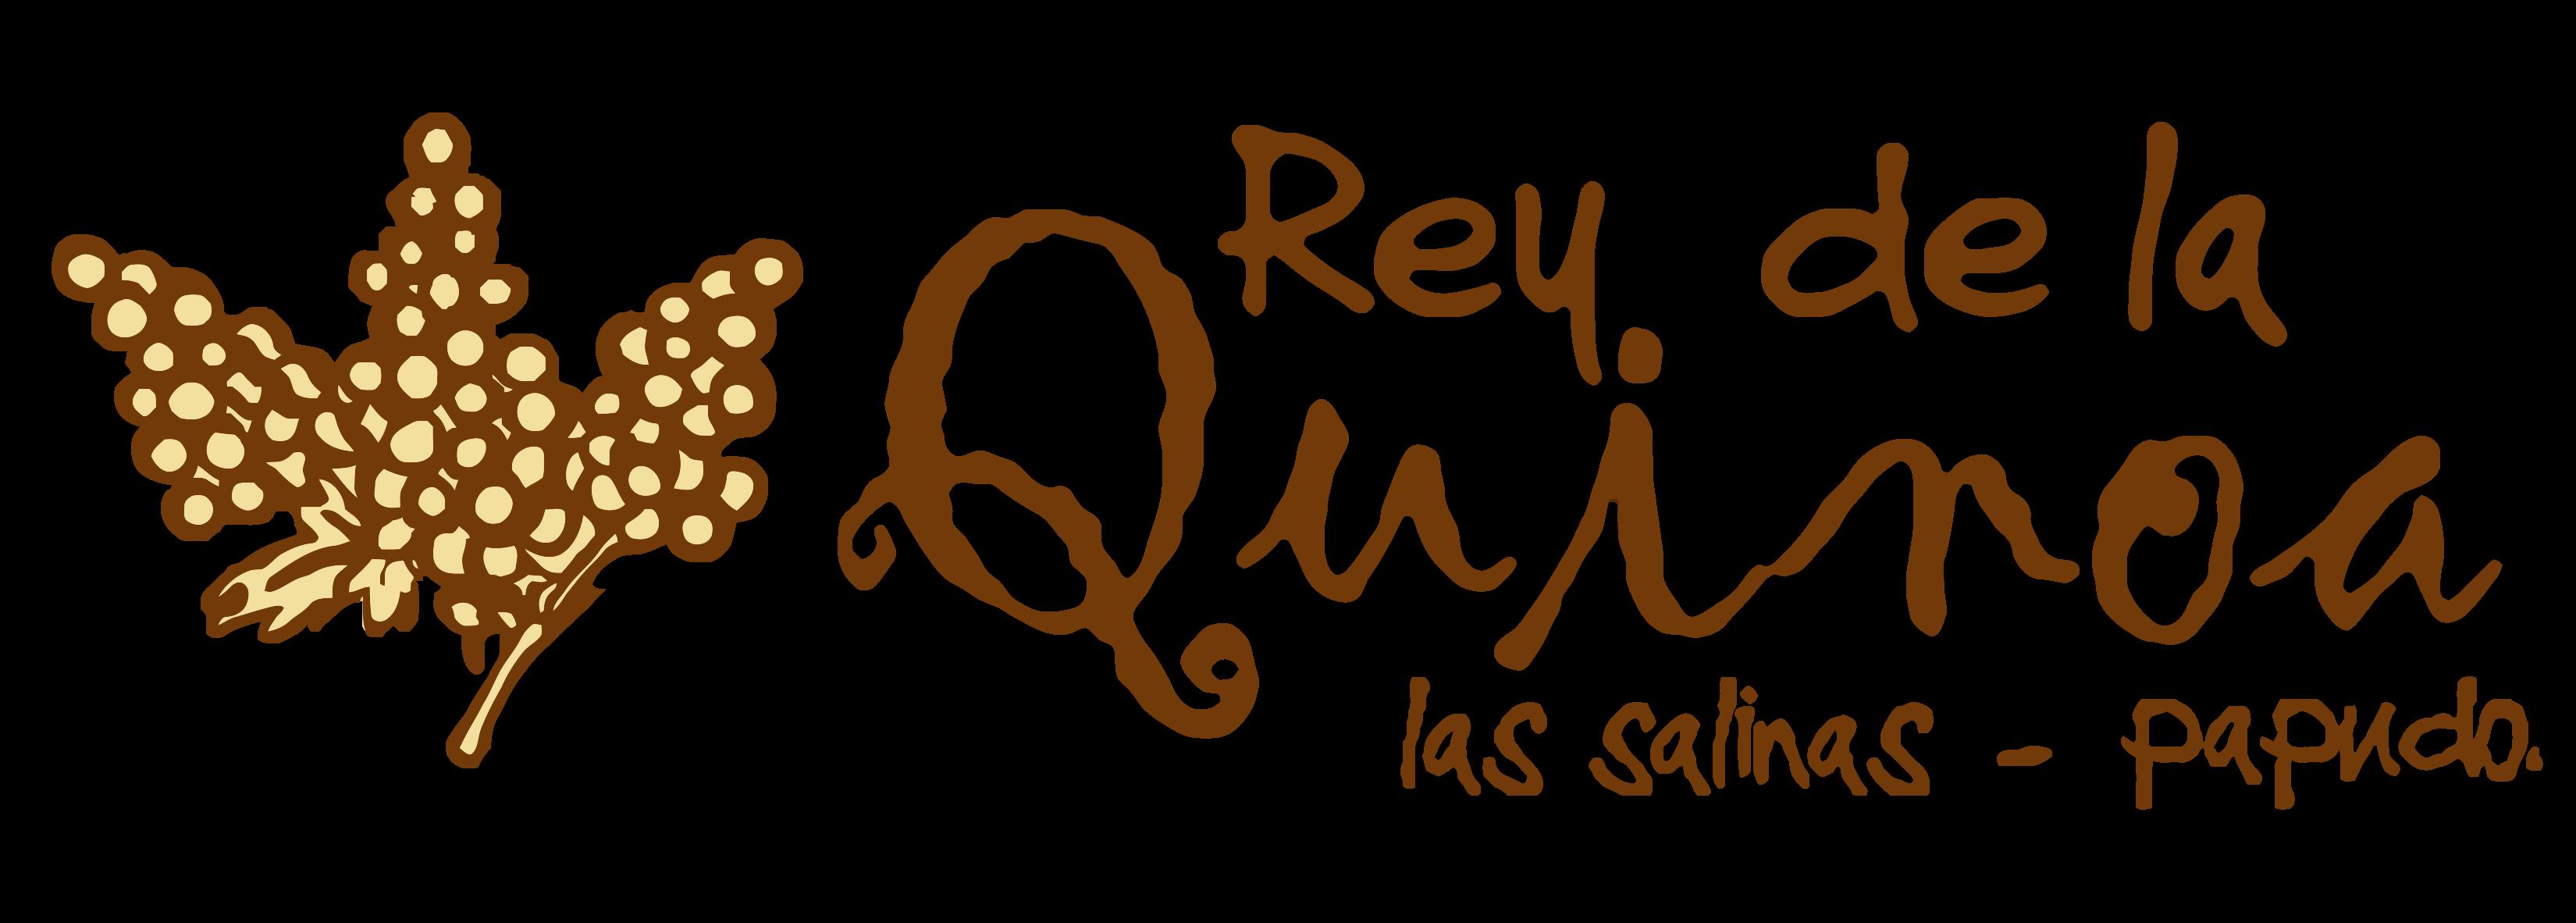 El Rey de la Quinoa